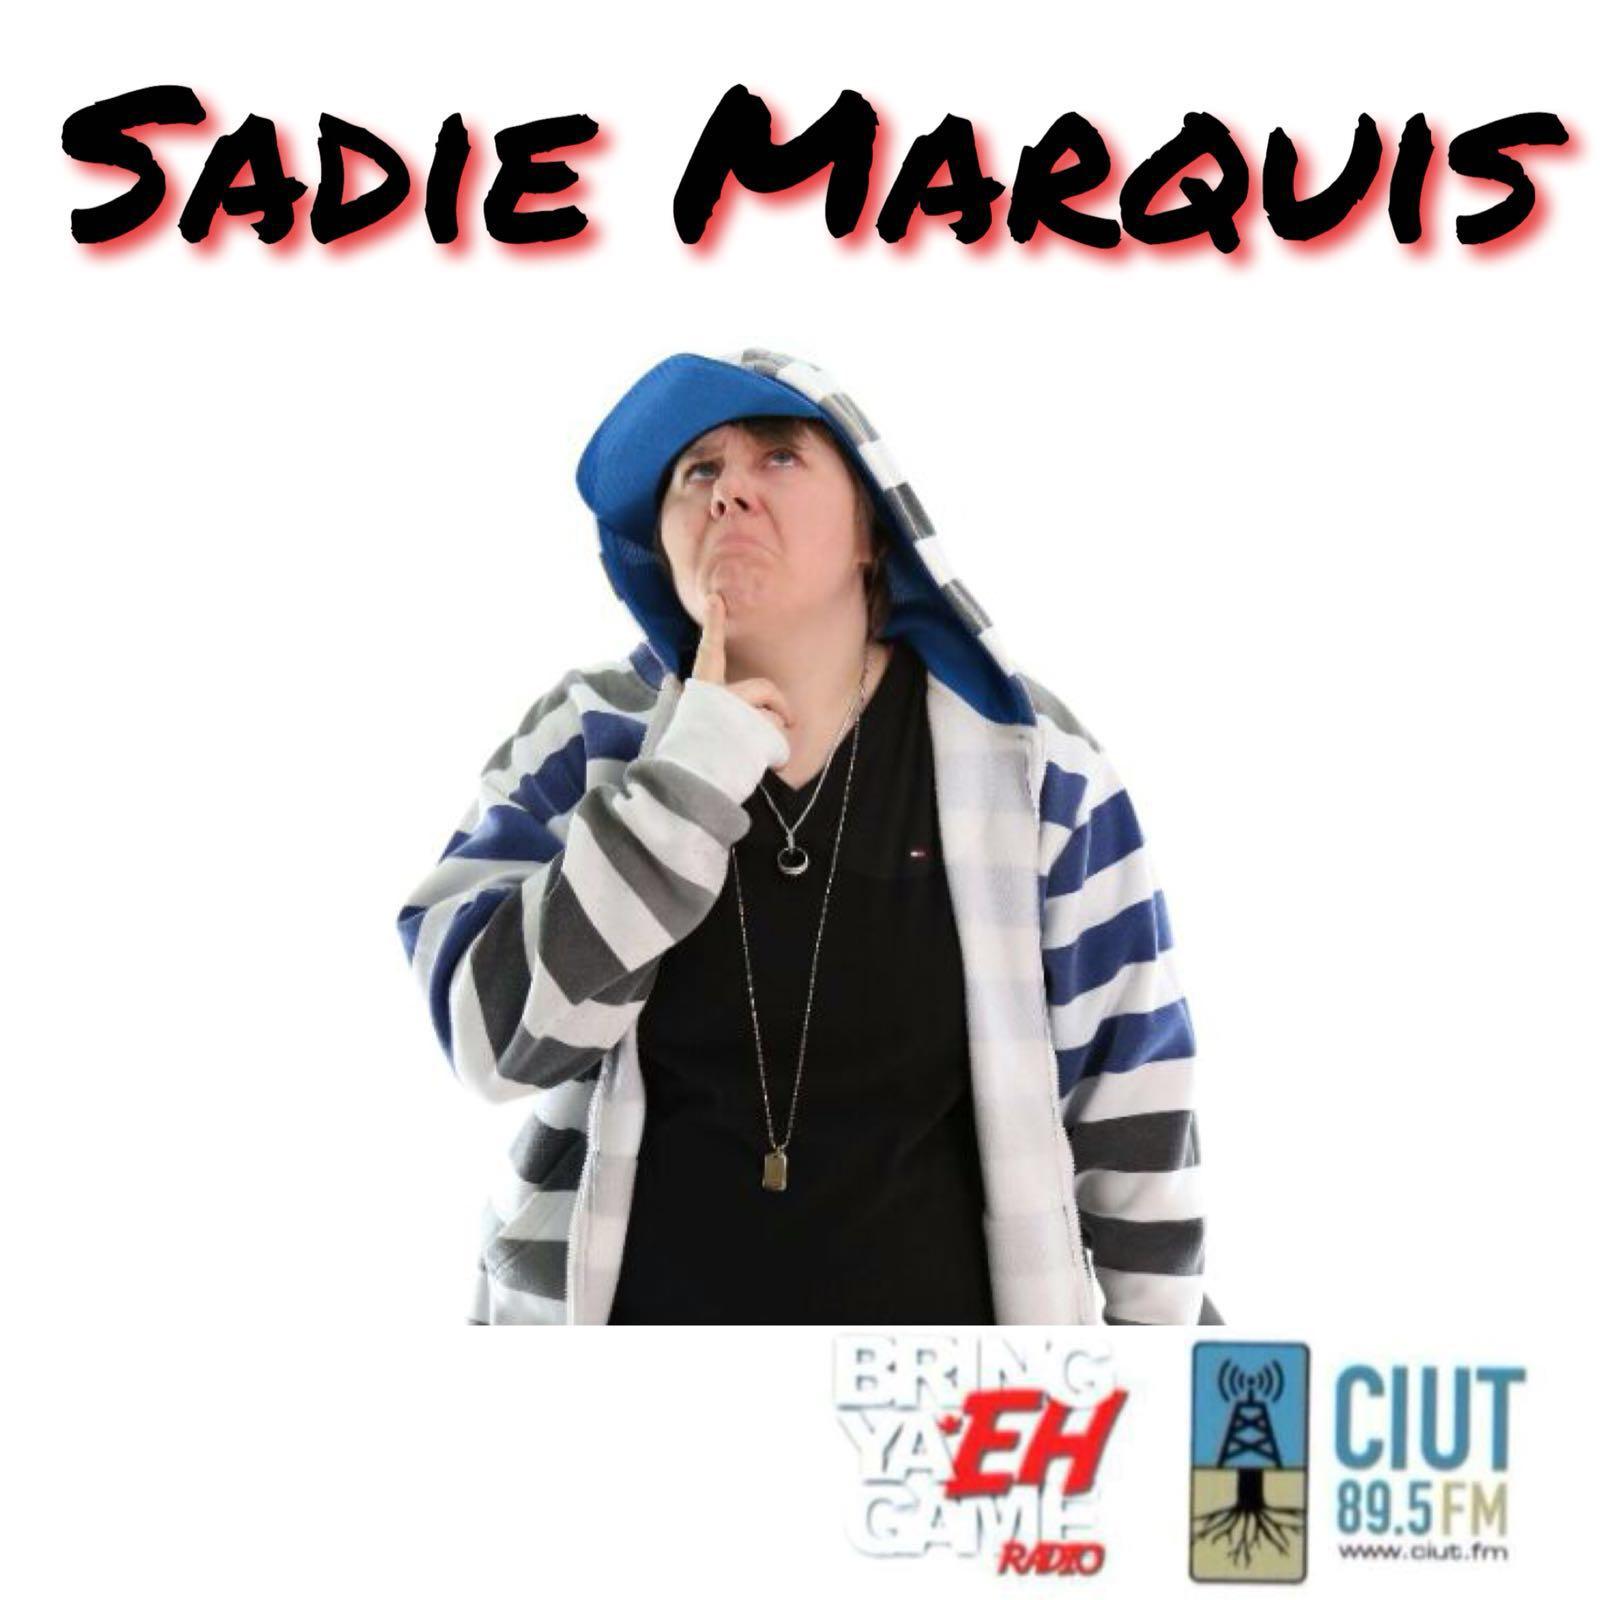 Sadie Marquis